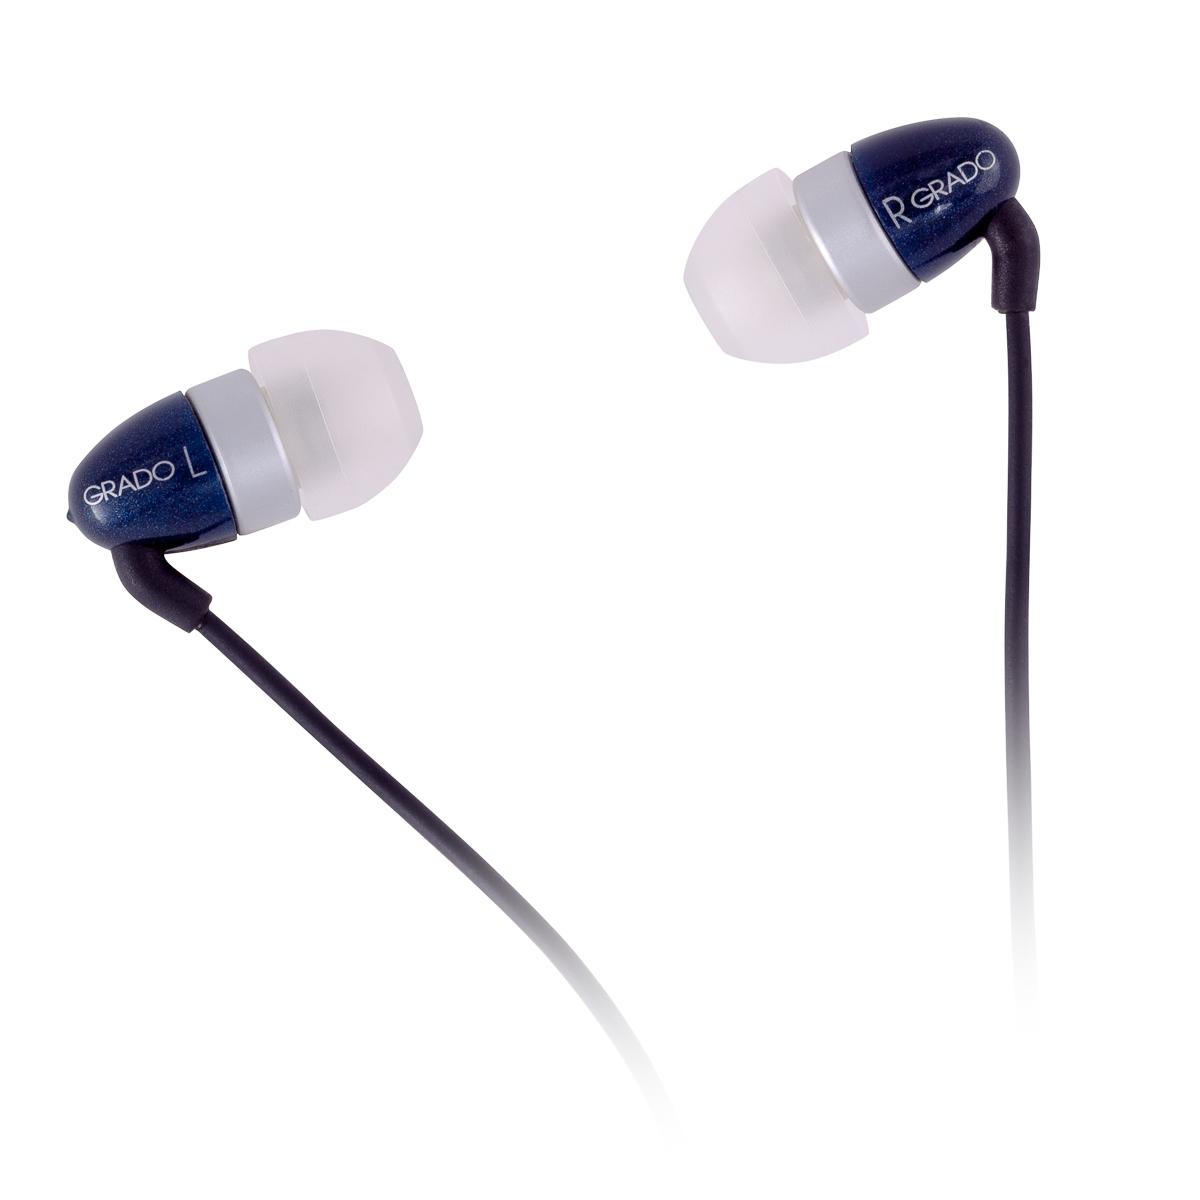 Grado GR8 In-Ear Monitors